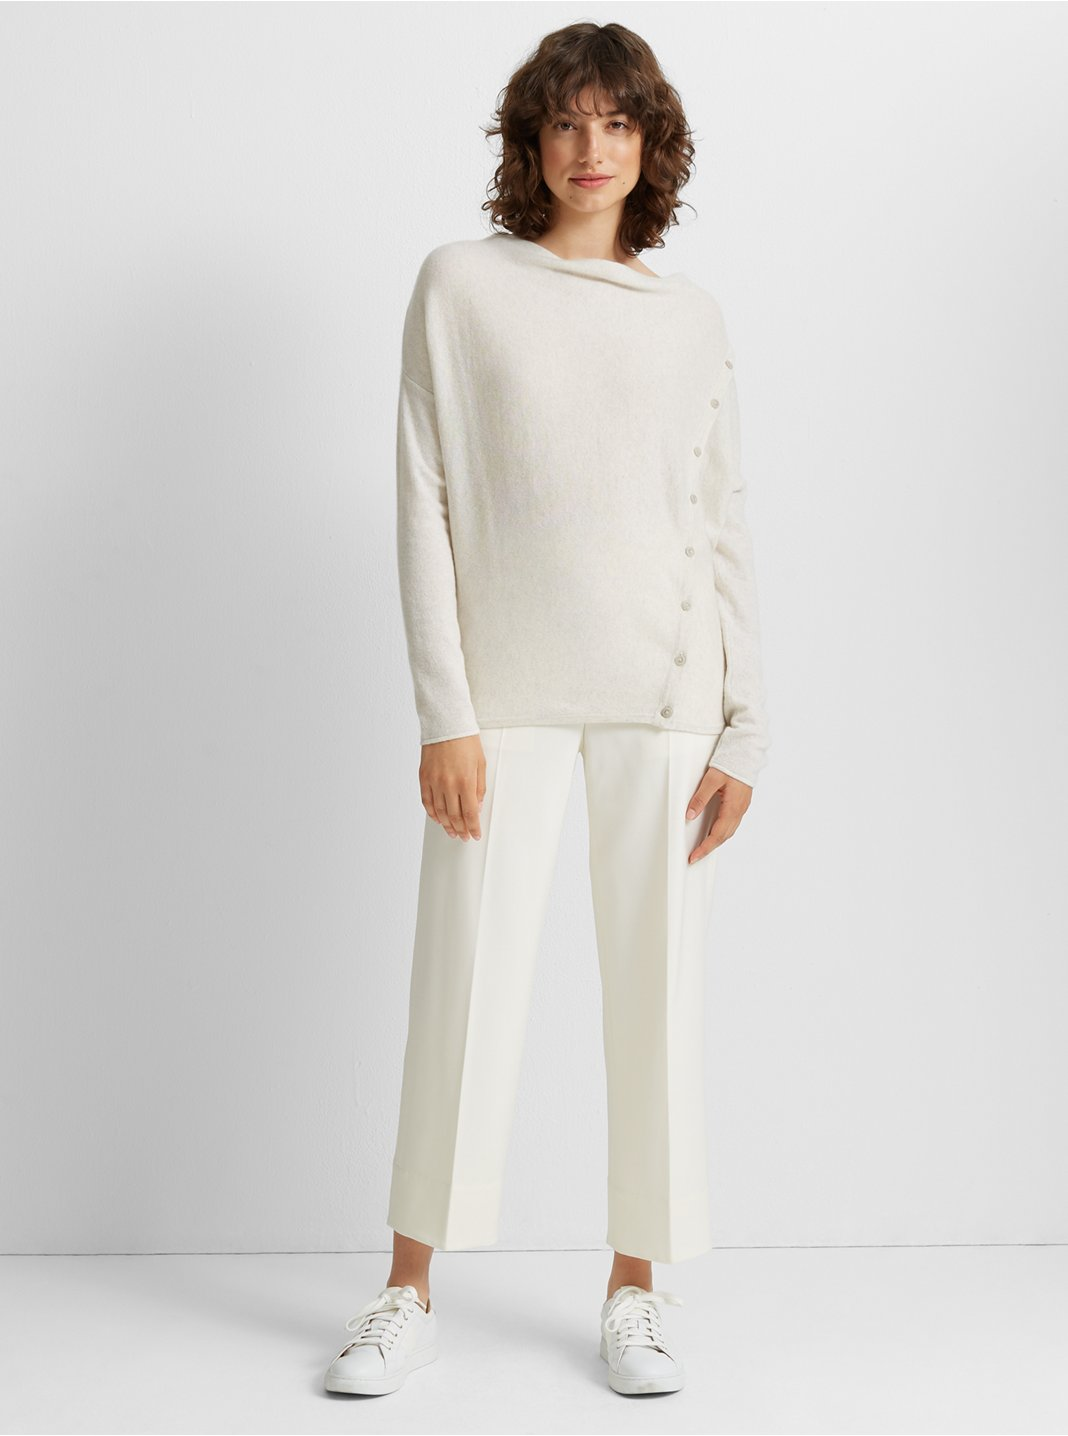 Simisola Cashmere Sweater